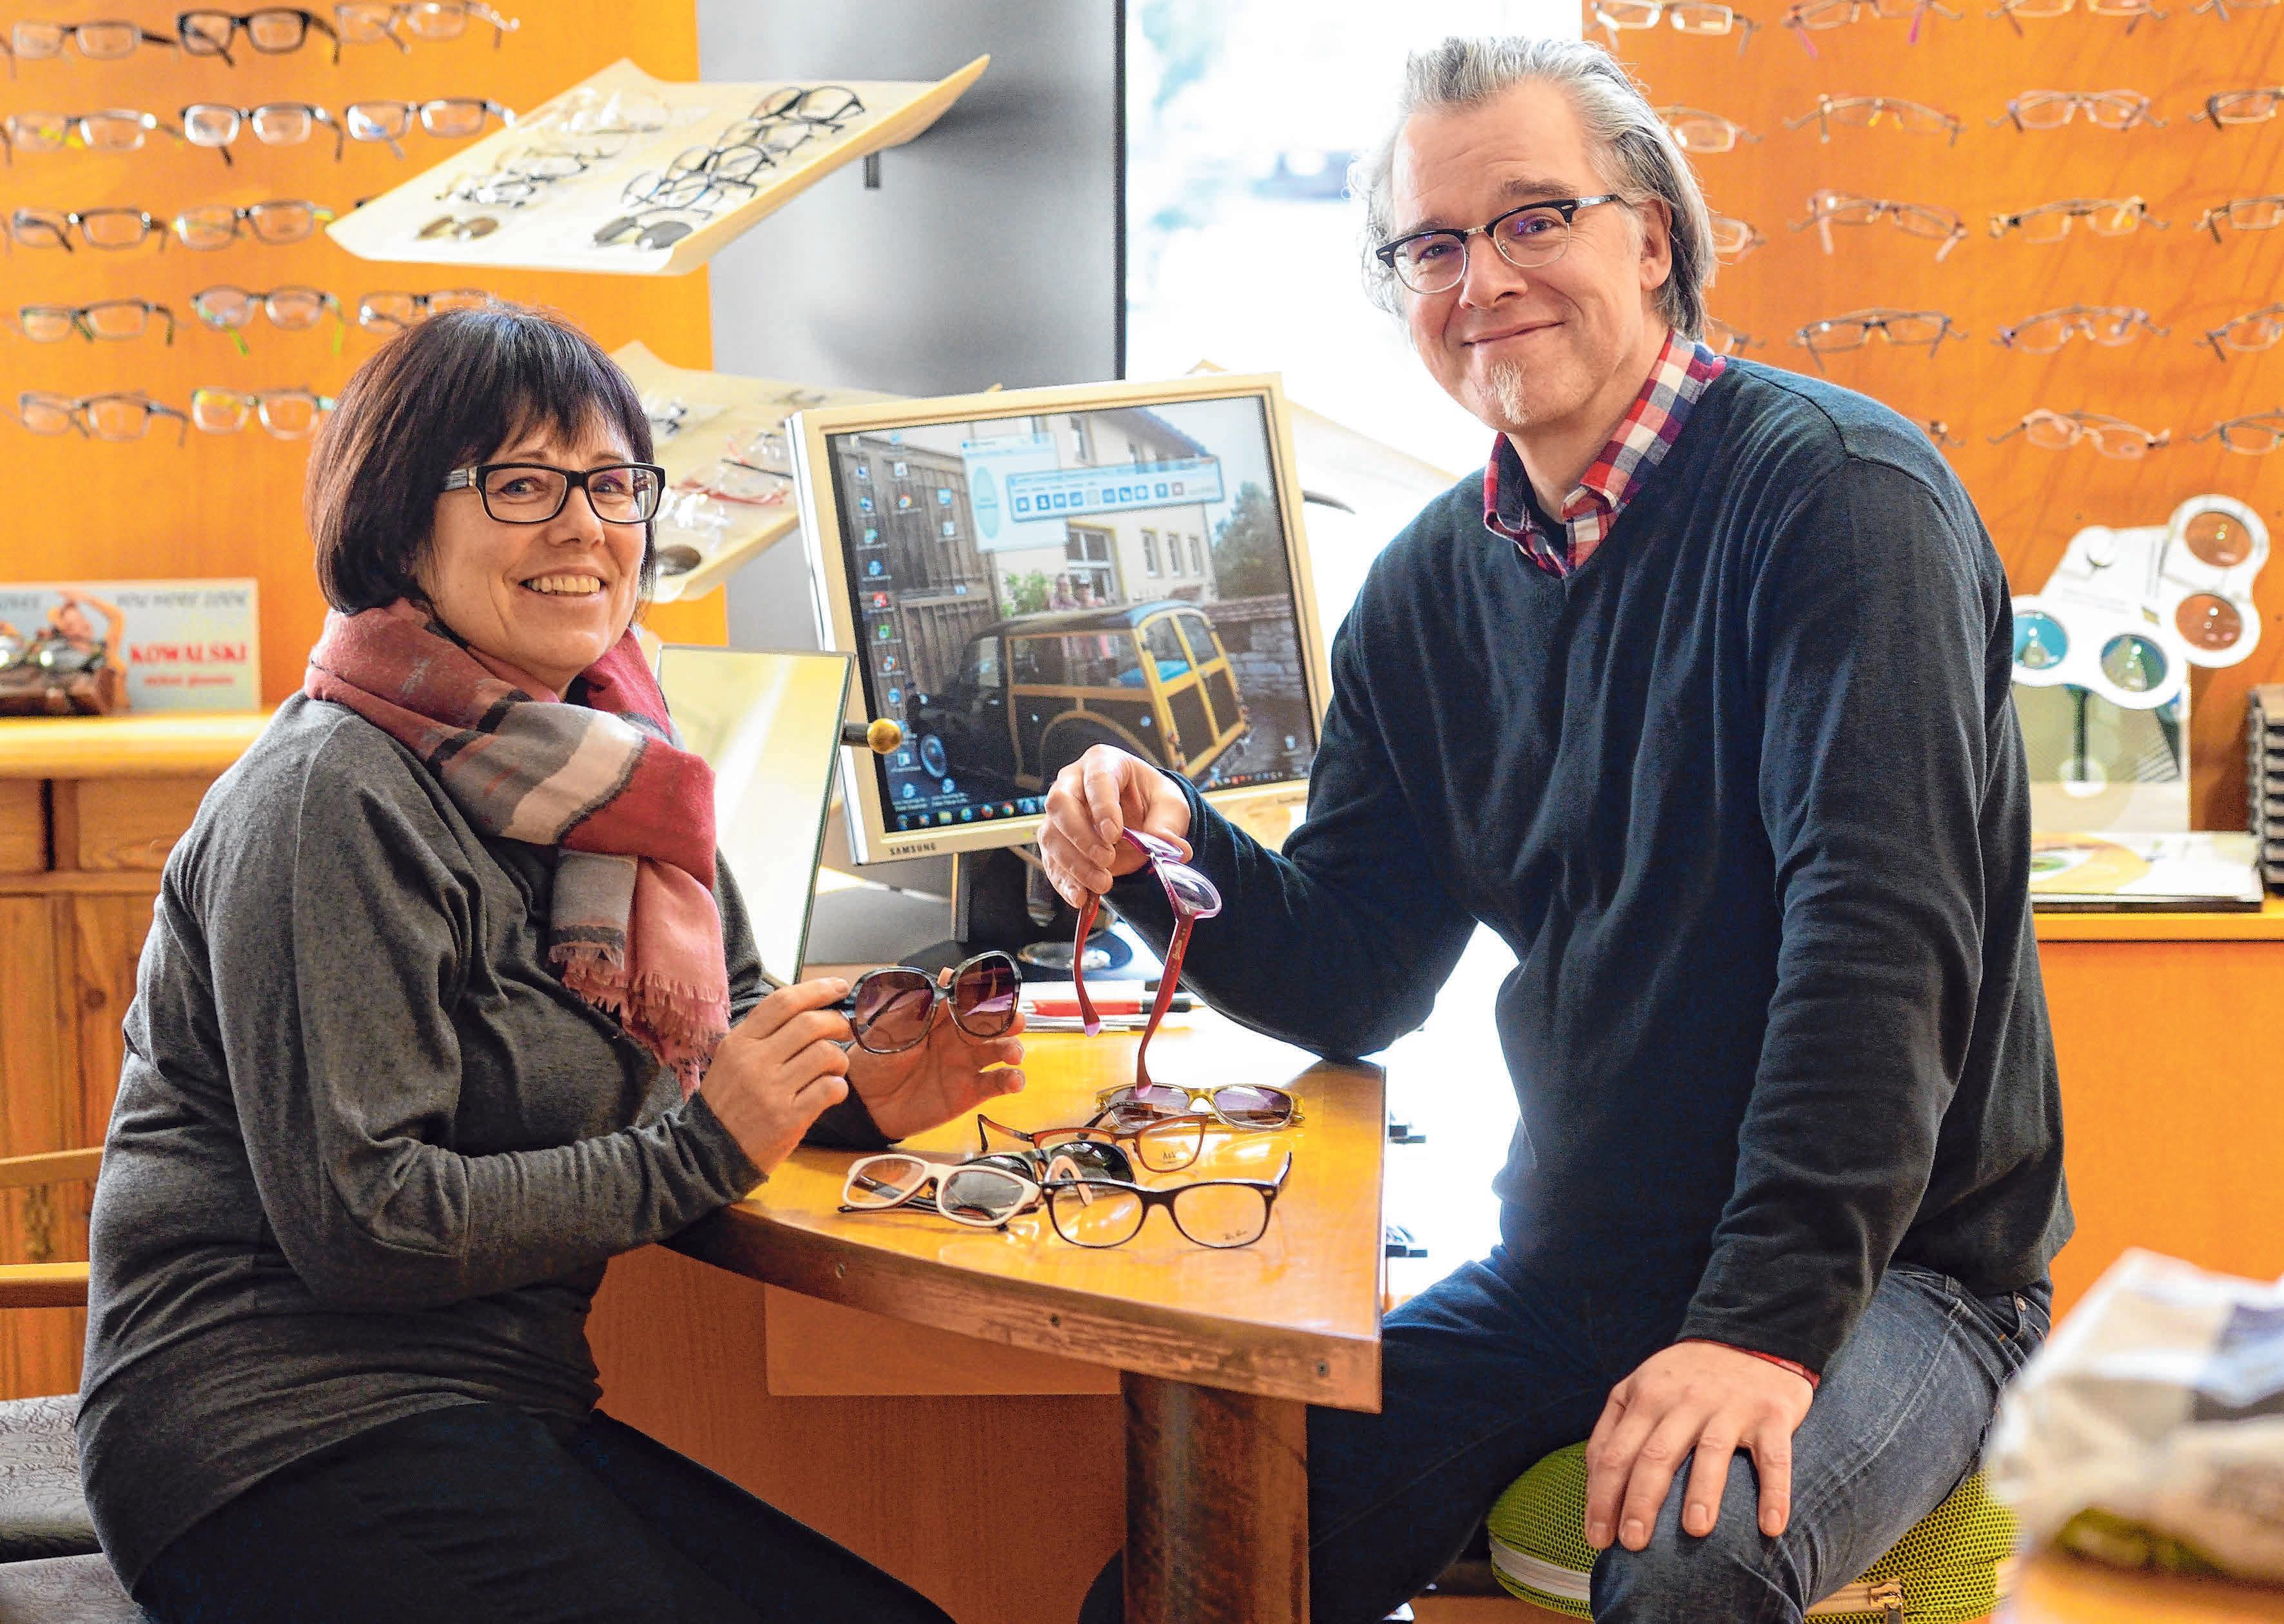 Bei Koschick Augenoptik ist für die Kunden ein Nottelefon eingerichtet. Foto: Archiv/Kliebhan